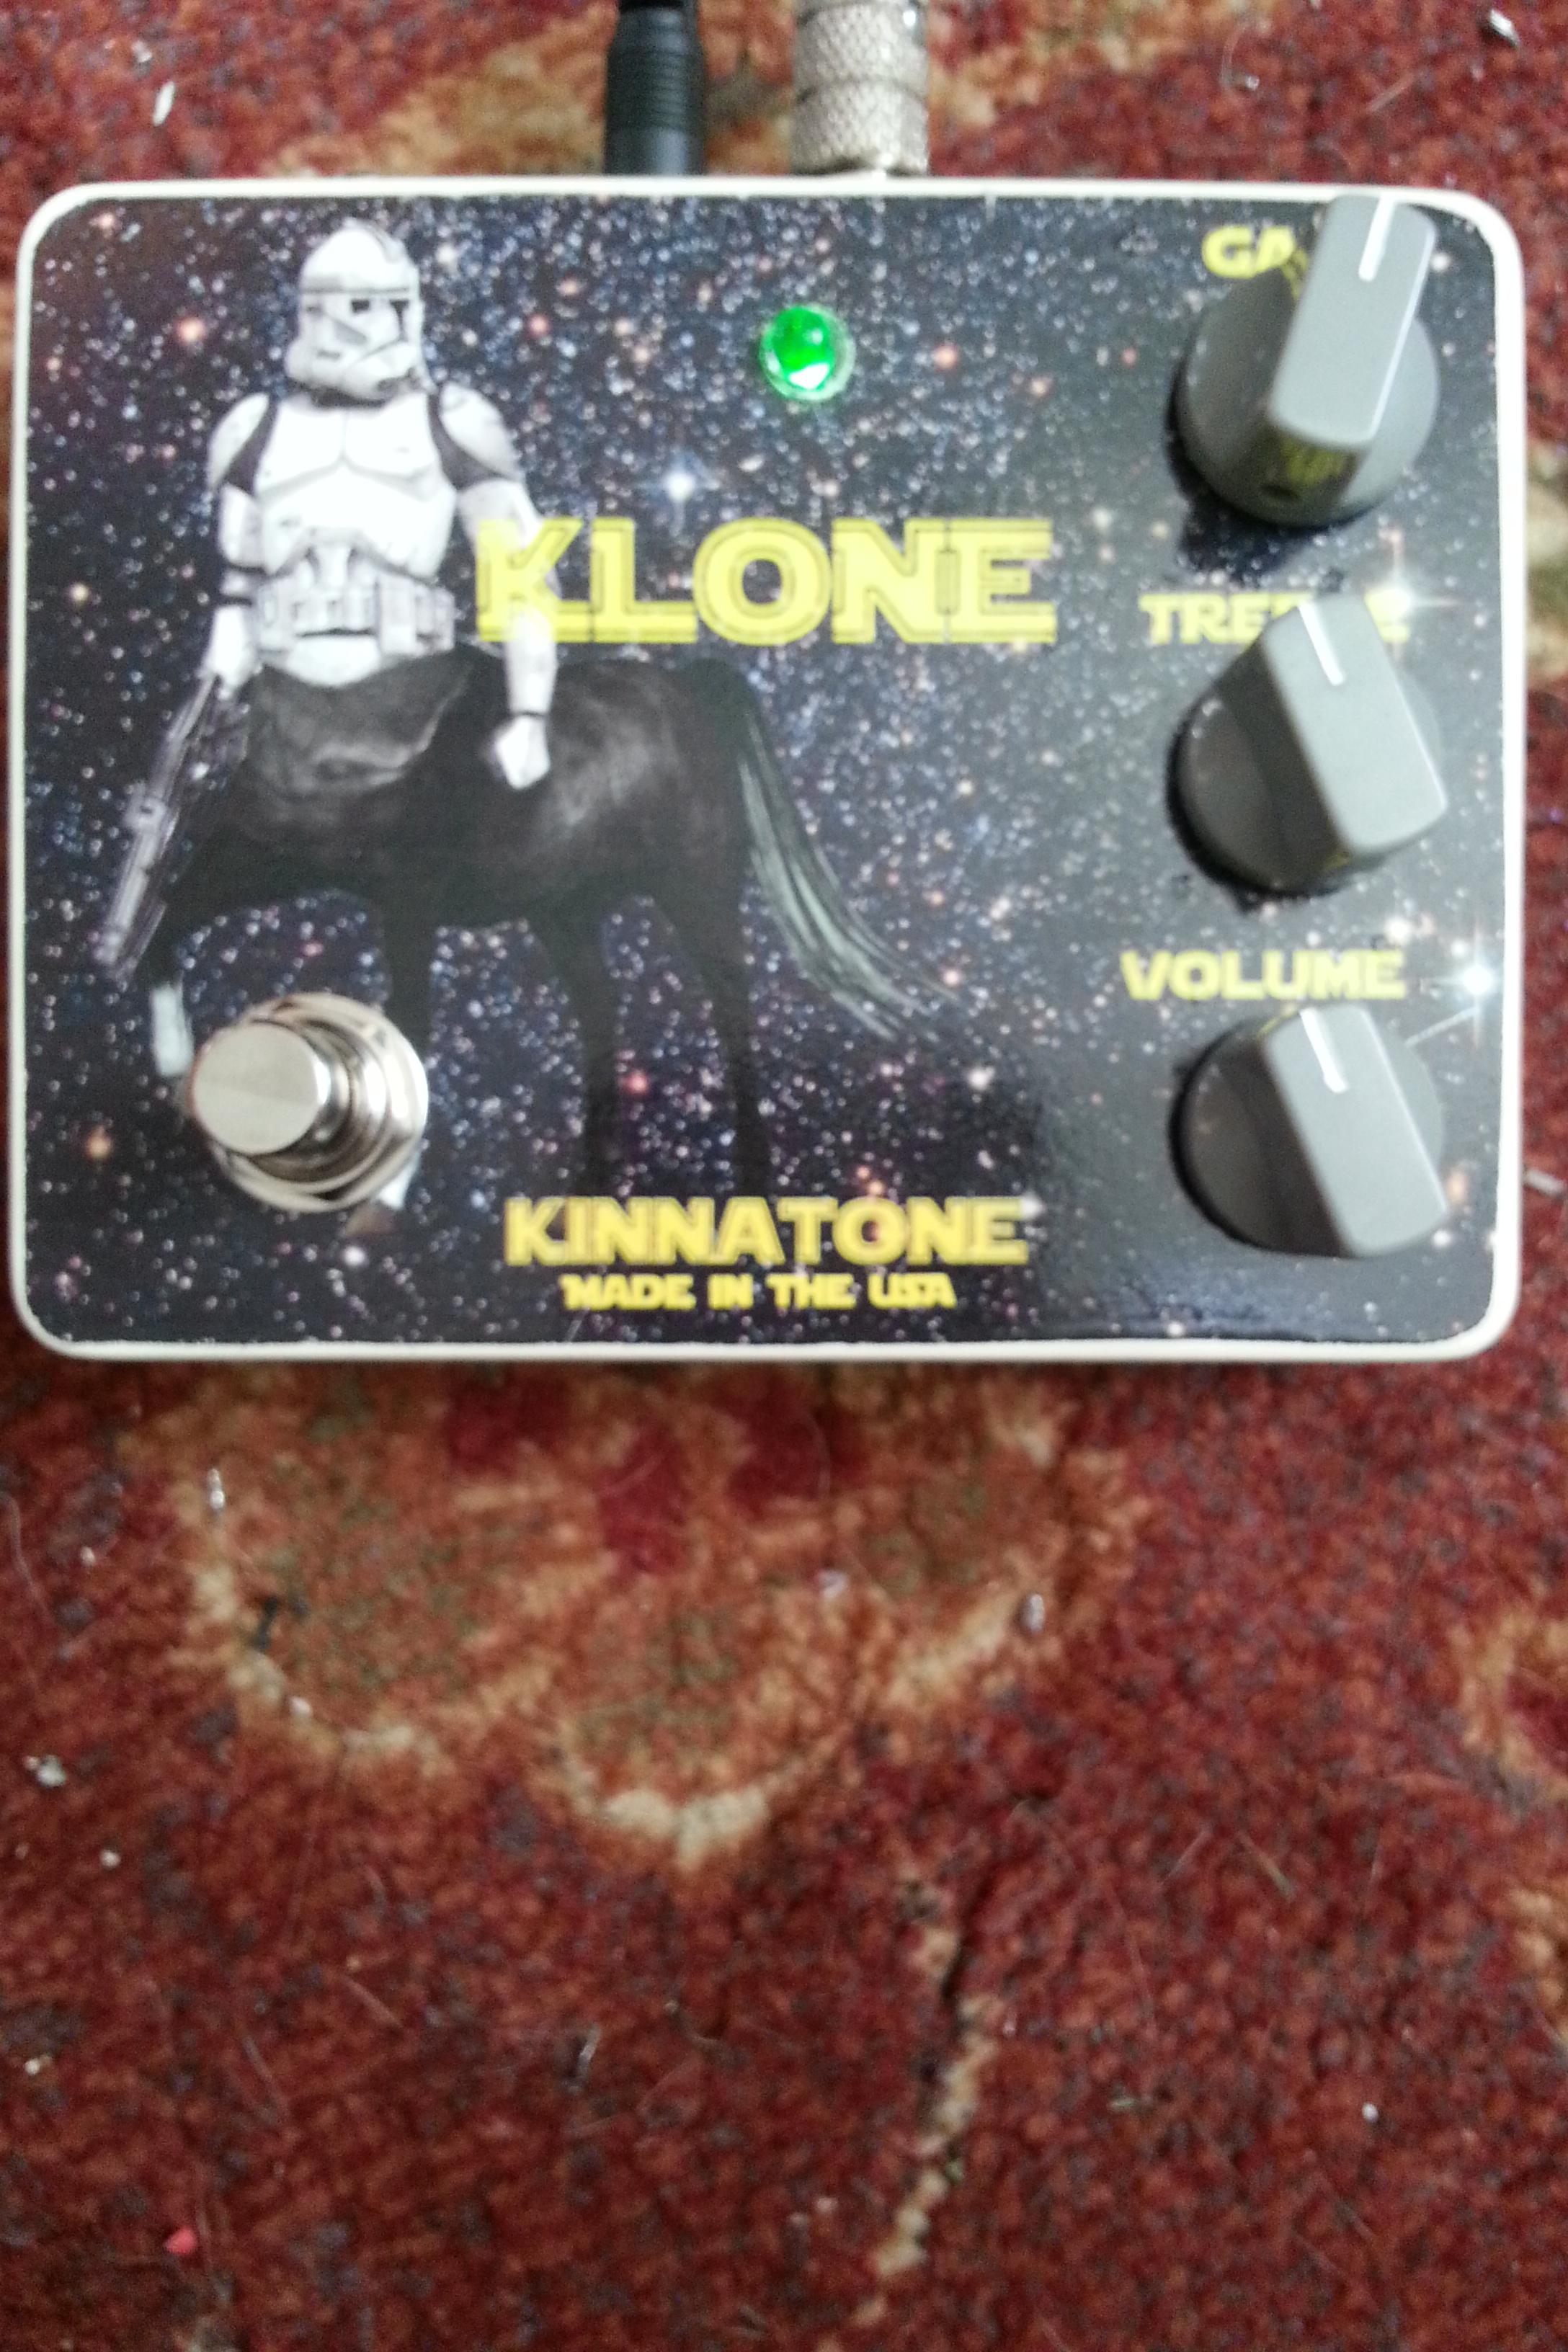 KLONETAUR KLone of Klon